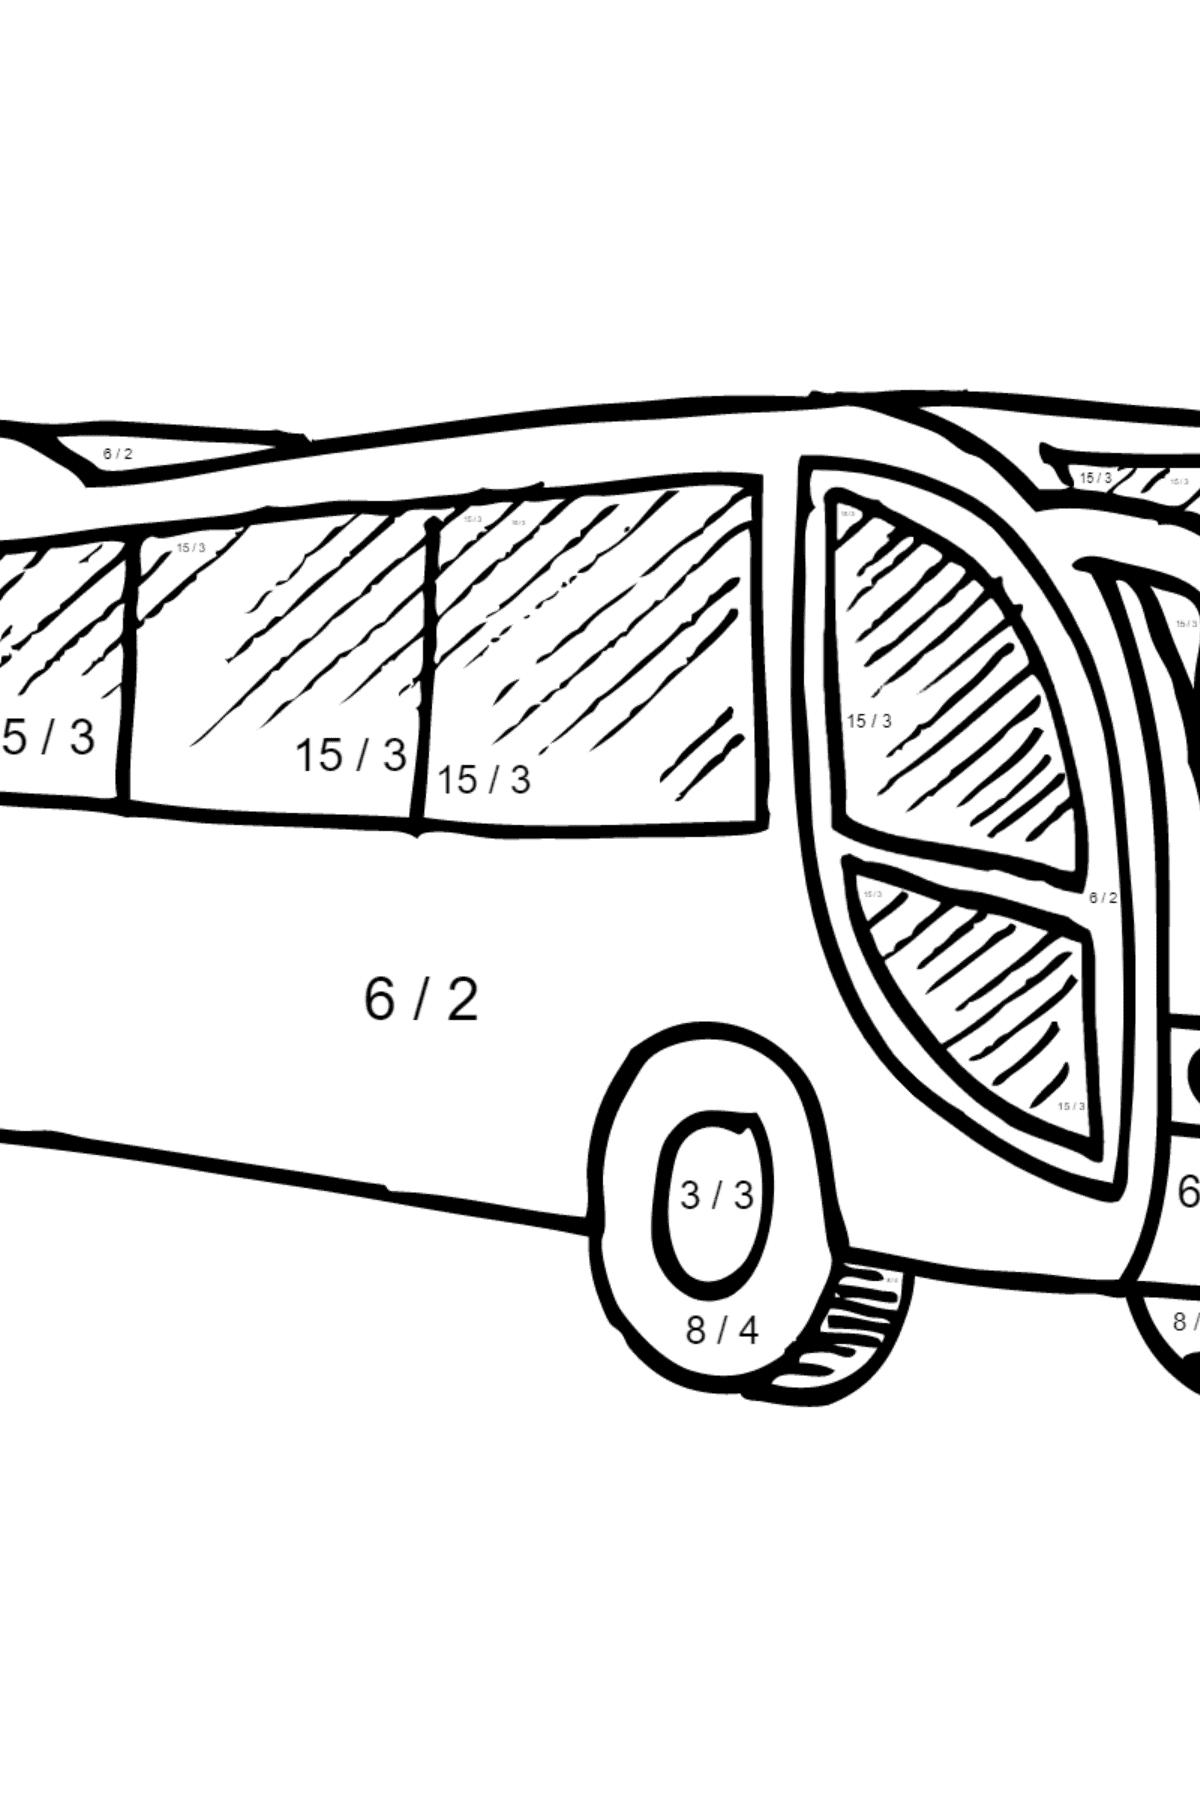 Malvorlage mit Ein Bus - Herunterladen und online ausmalen